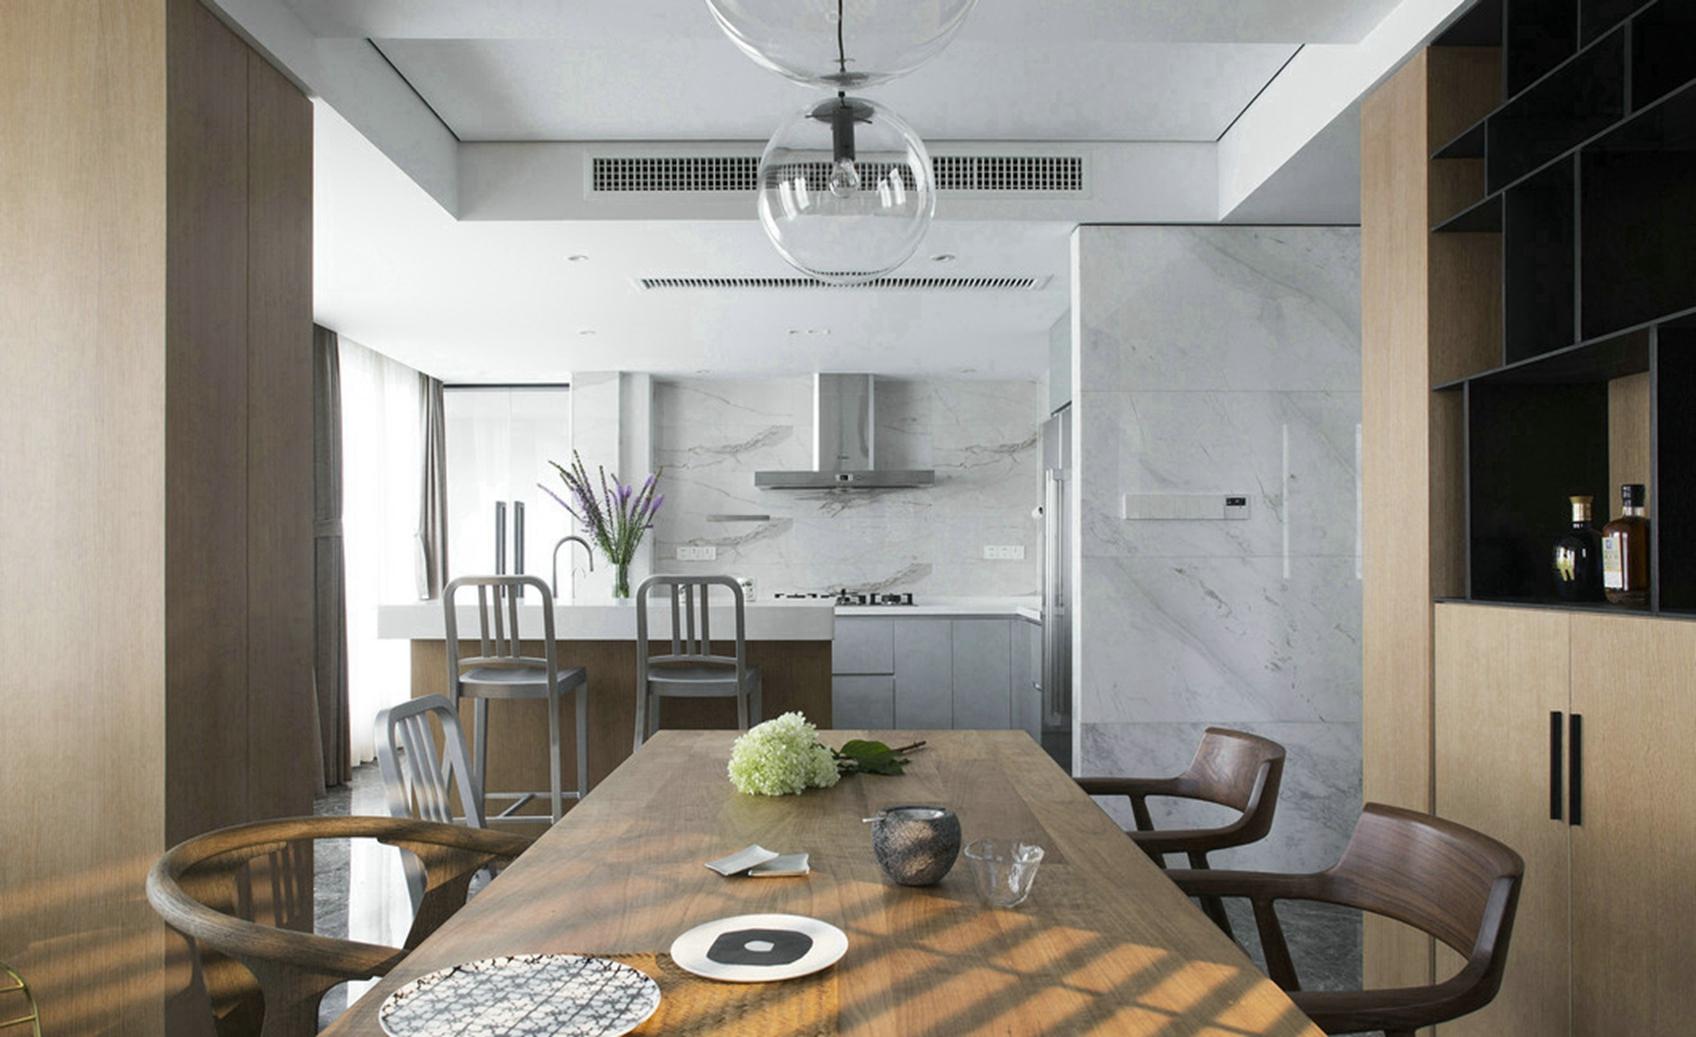 客厅和餐厅是开放式整个空间简约干净